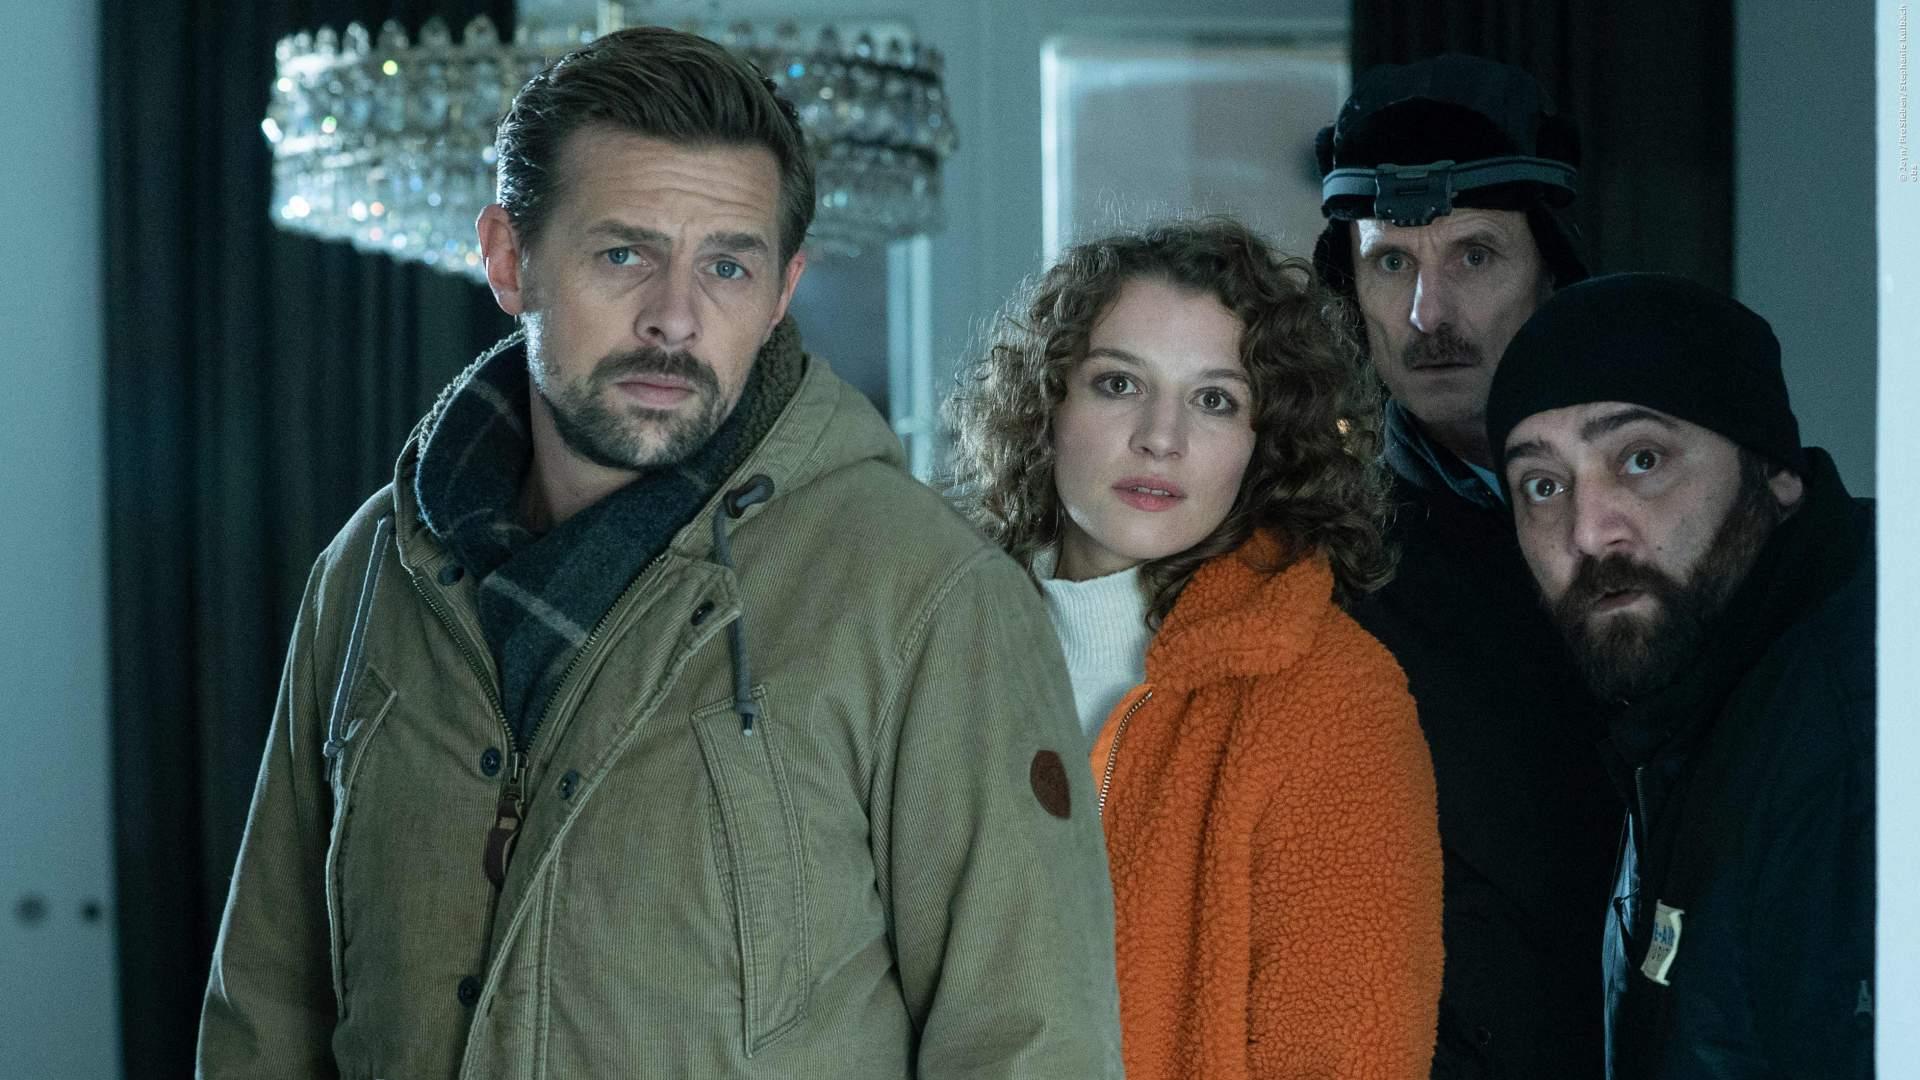 Check Check: Staffel 2 mit Klaas Heufer-Umlauf kommt